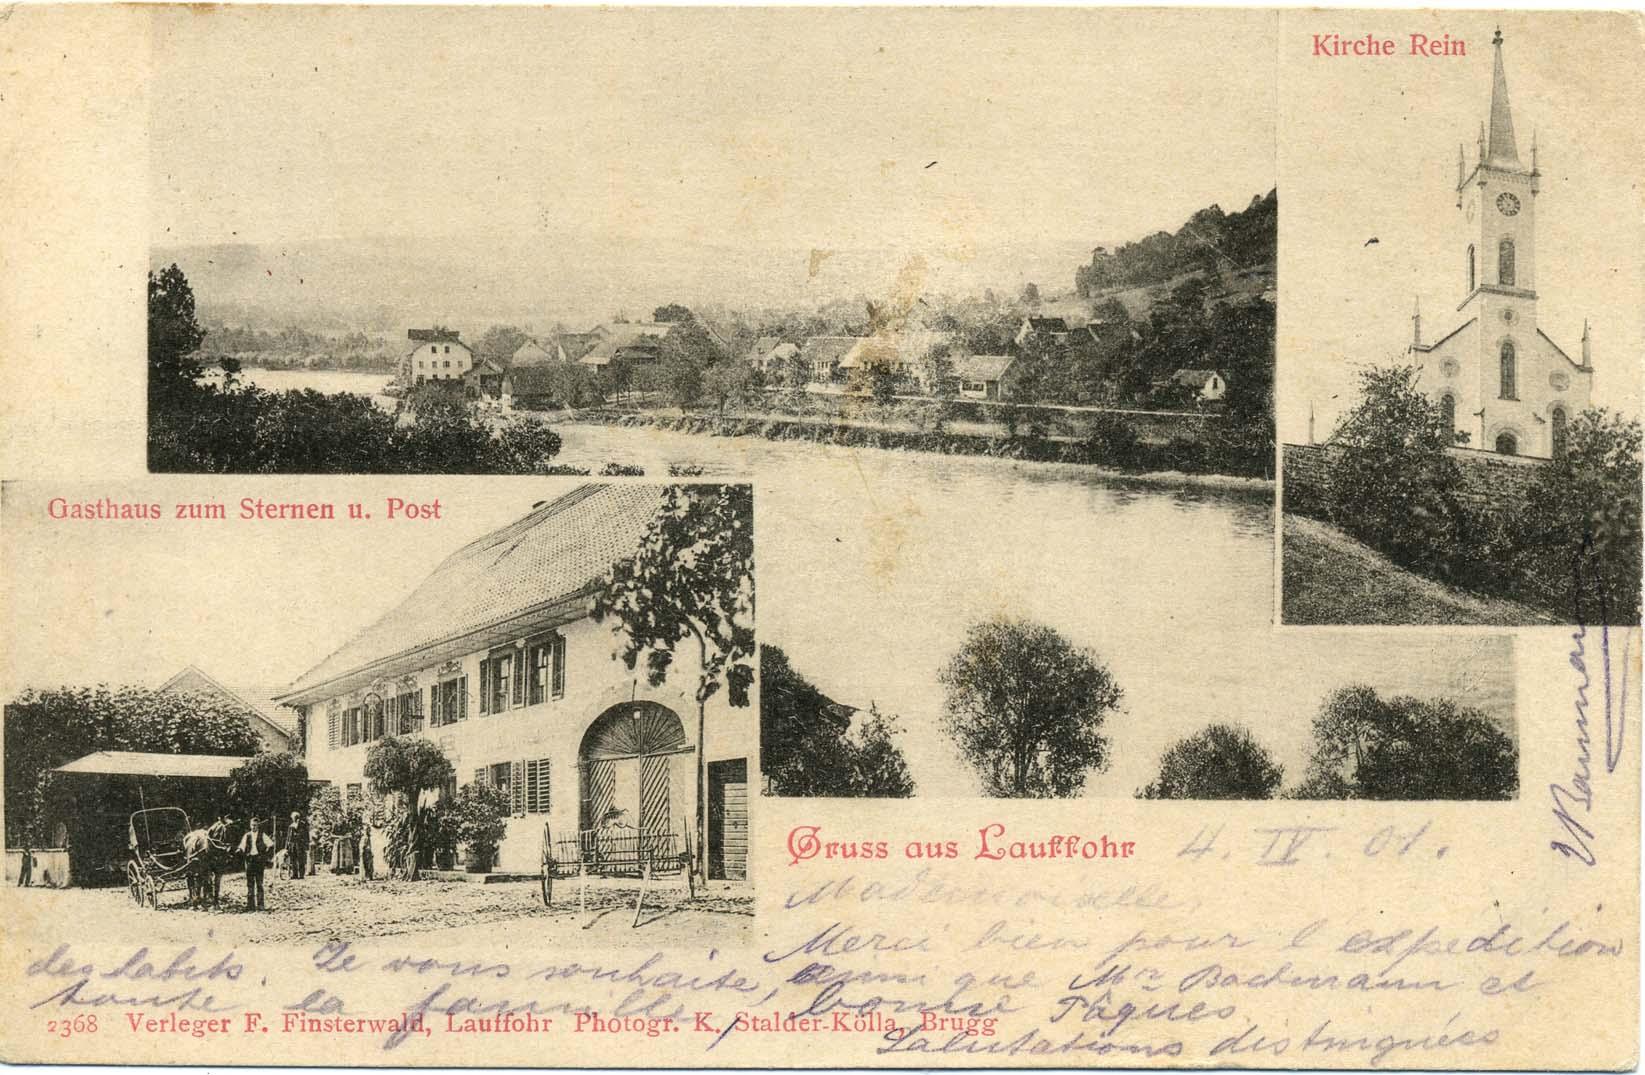 um 1900 - Postkarte Lauffohr vom Stroppel her gesehen, alte Post, Kirche Rein (Quelle: Sammlung Titus J. Meier, Brugg)